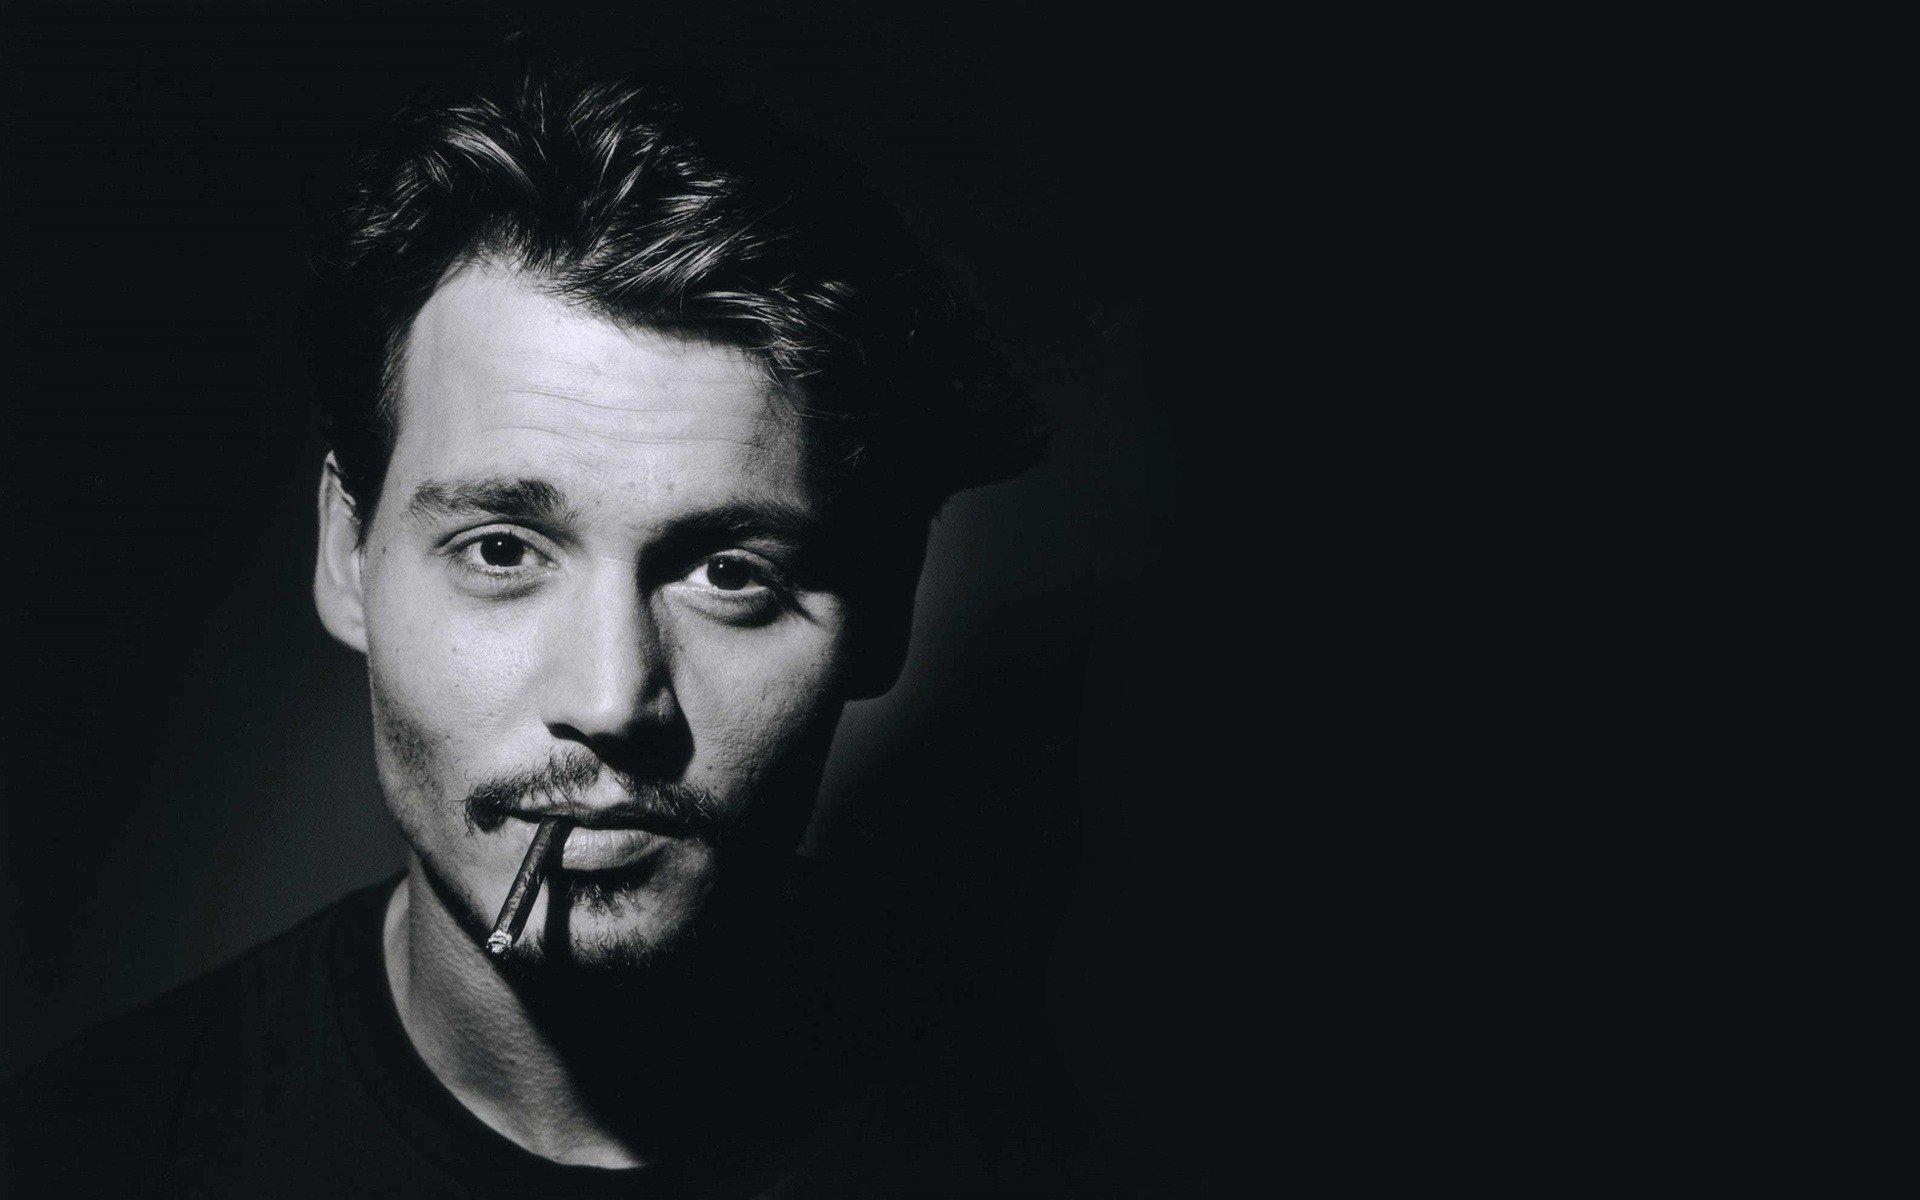 Men Johnny Depp Actors Wallpaper